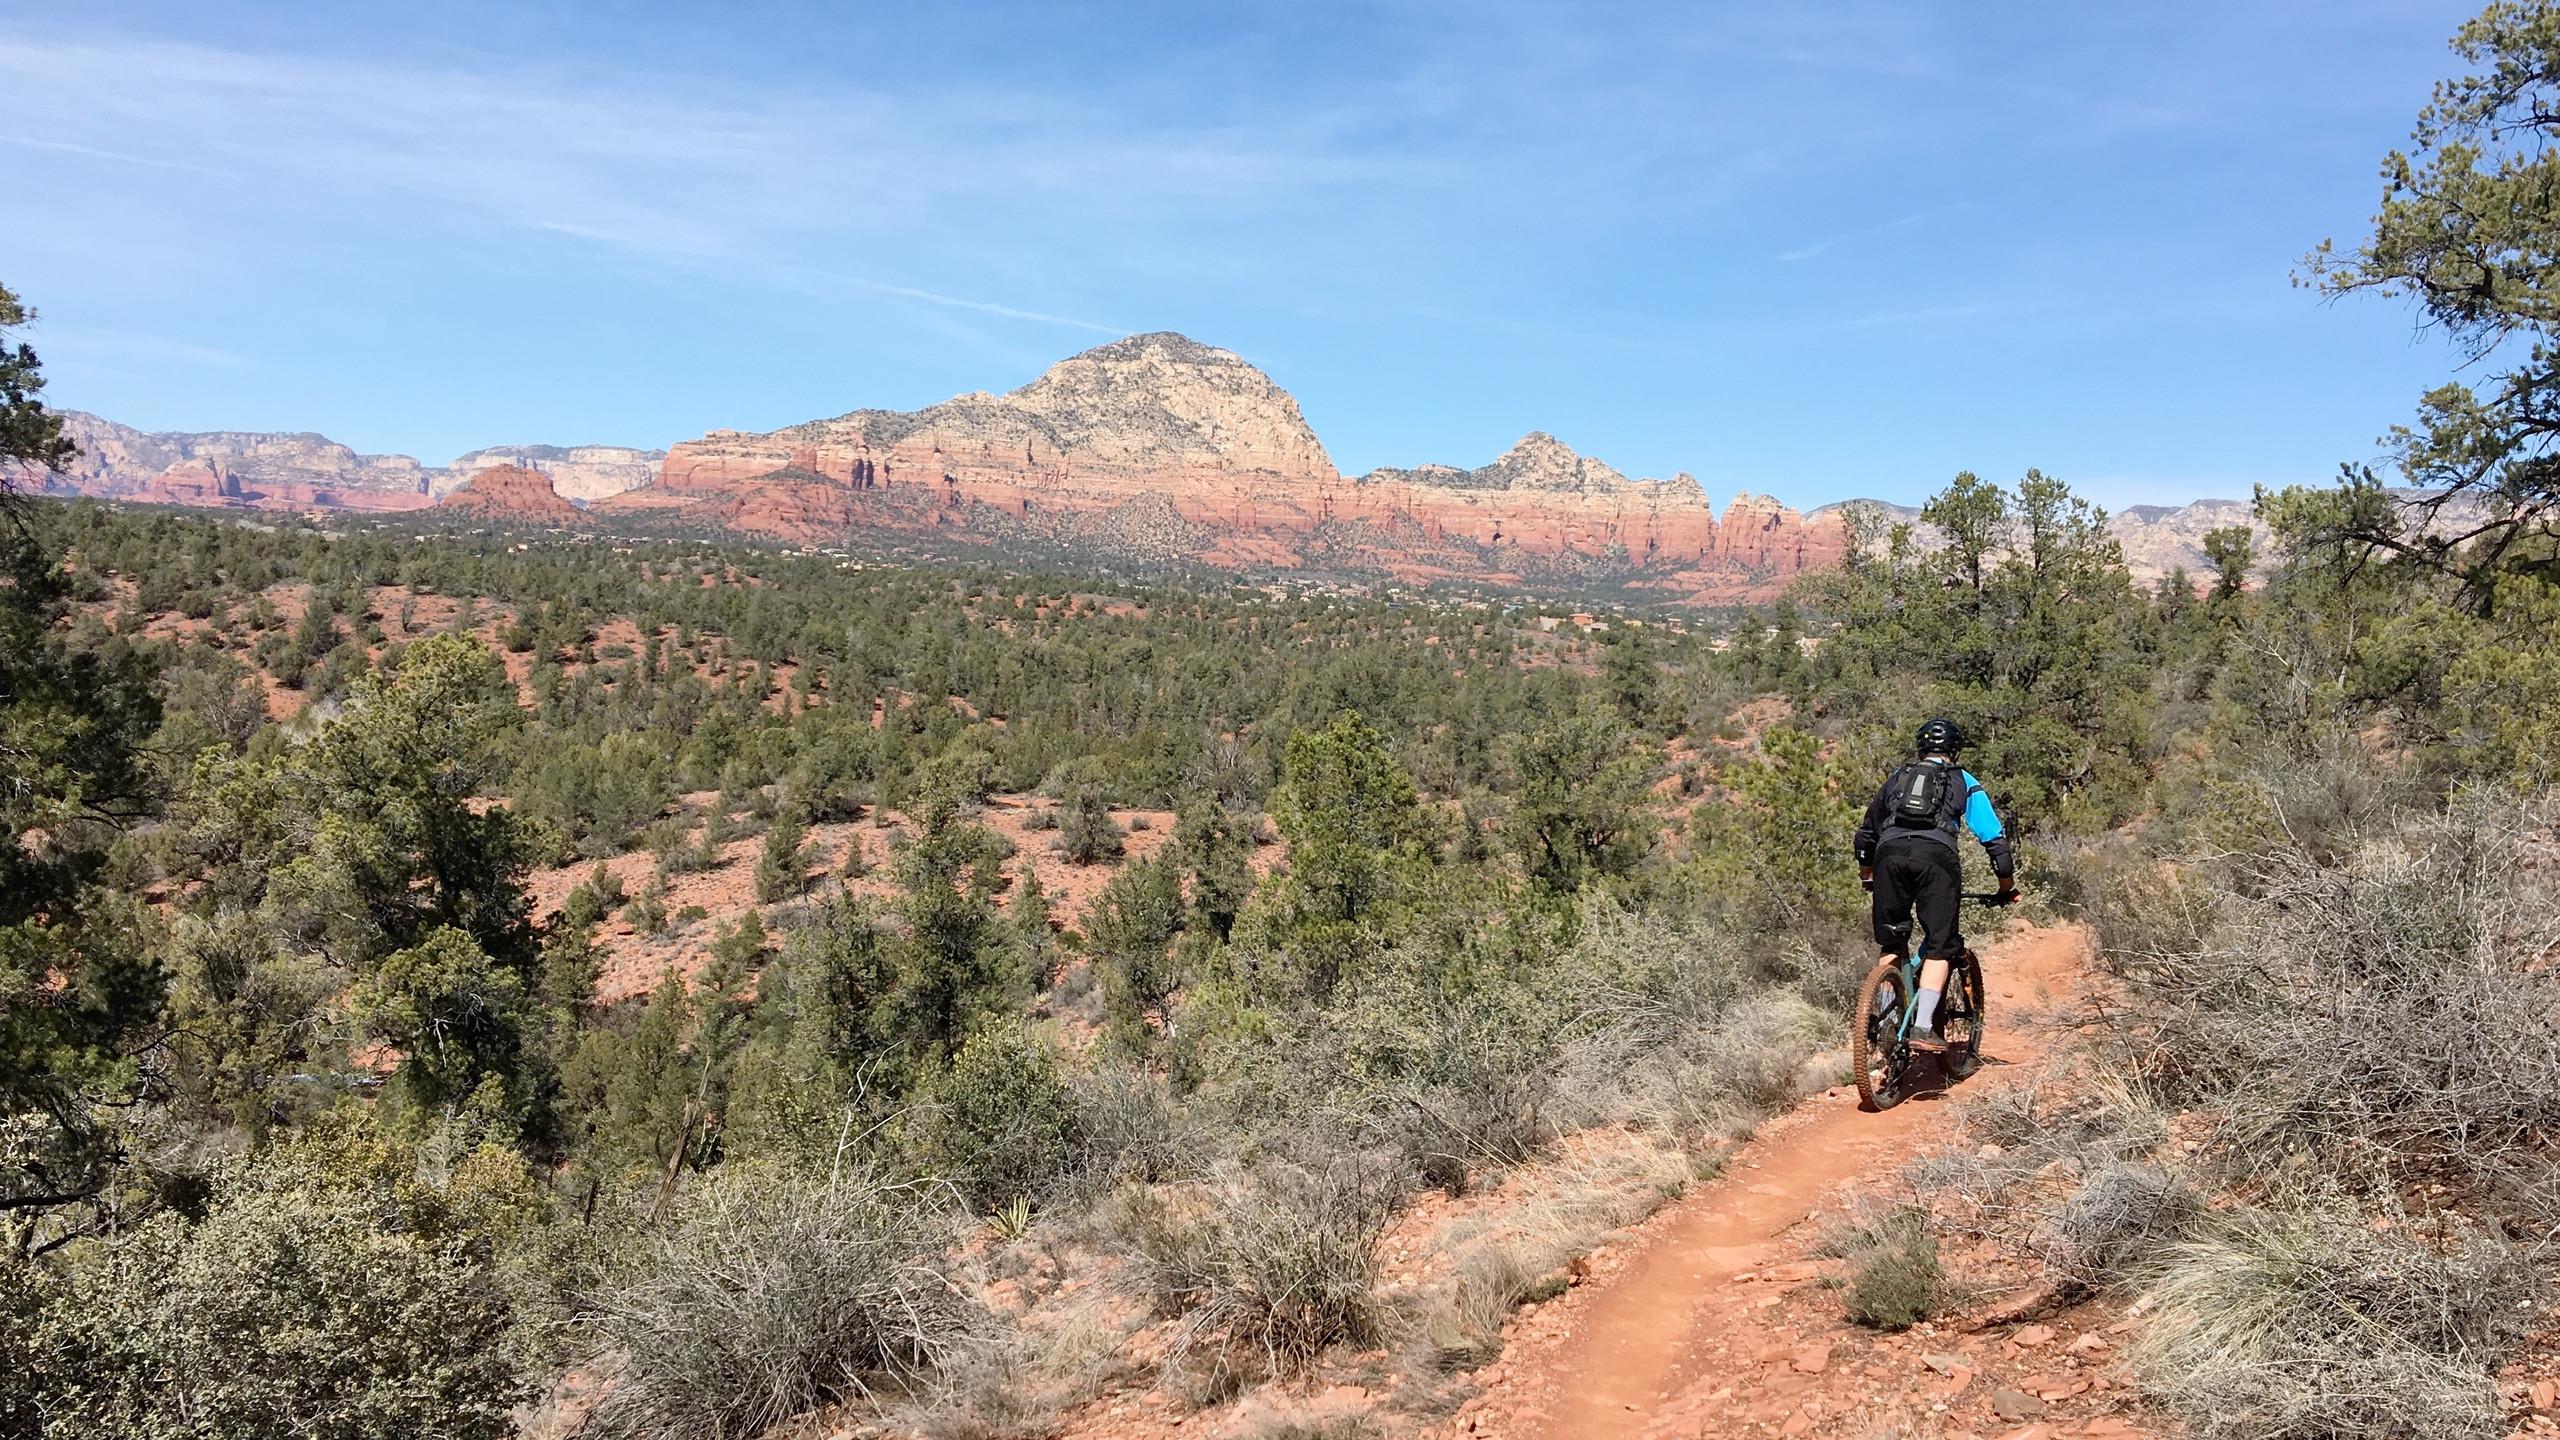 Descending Ridge